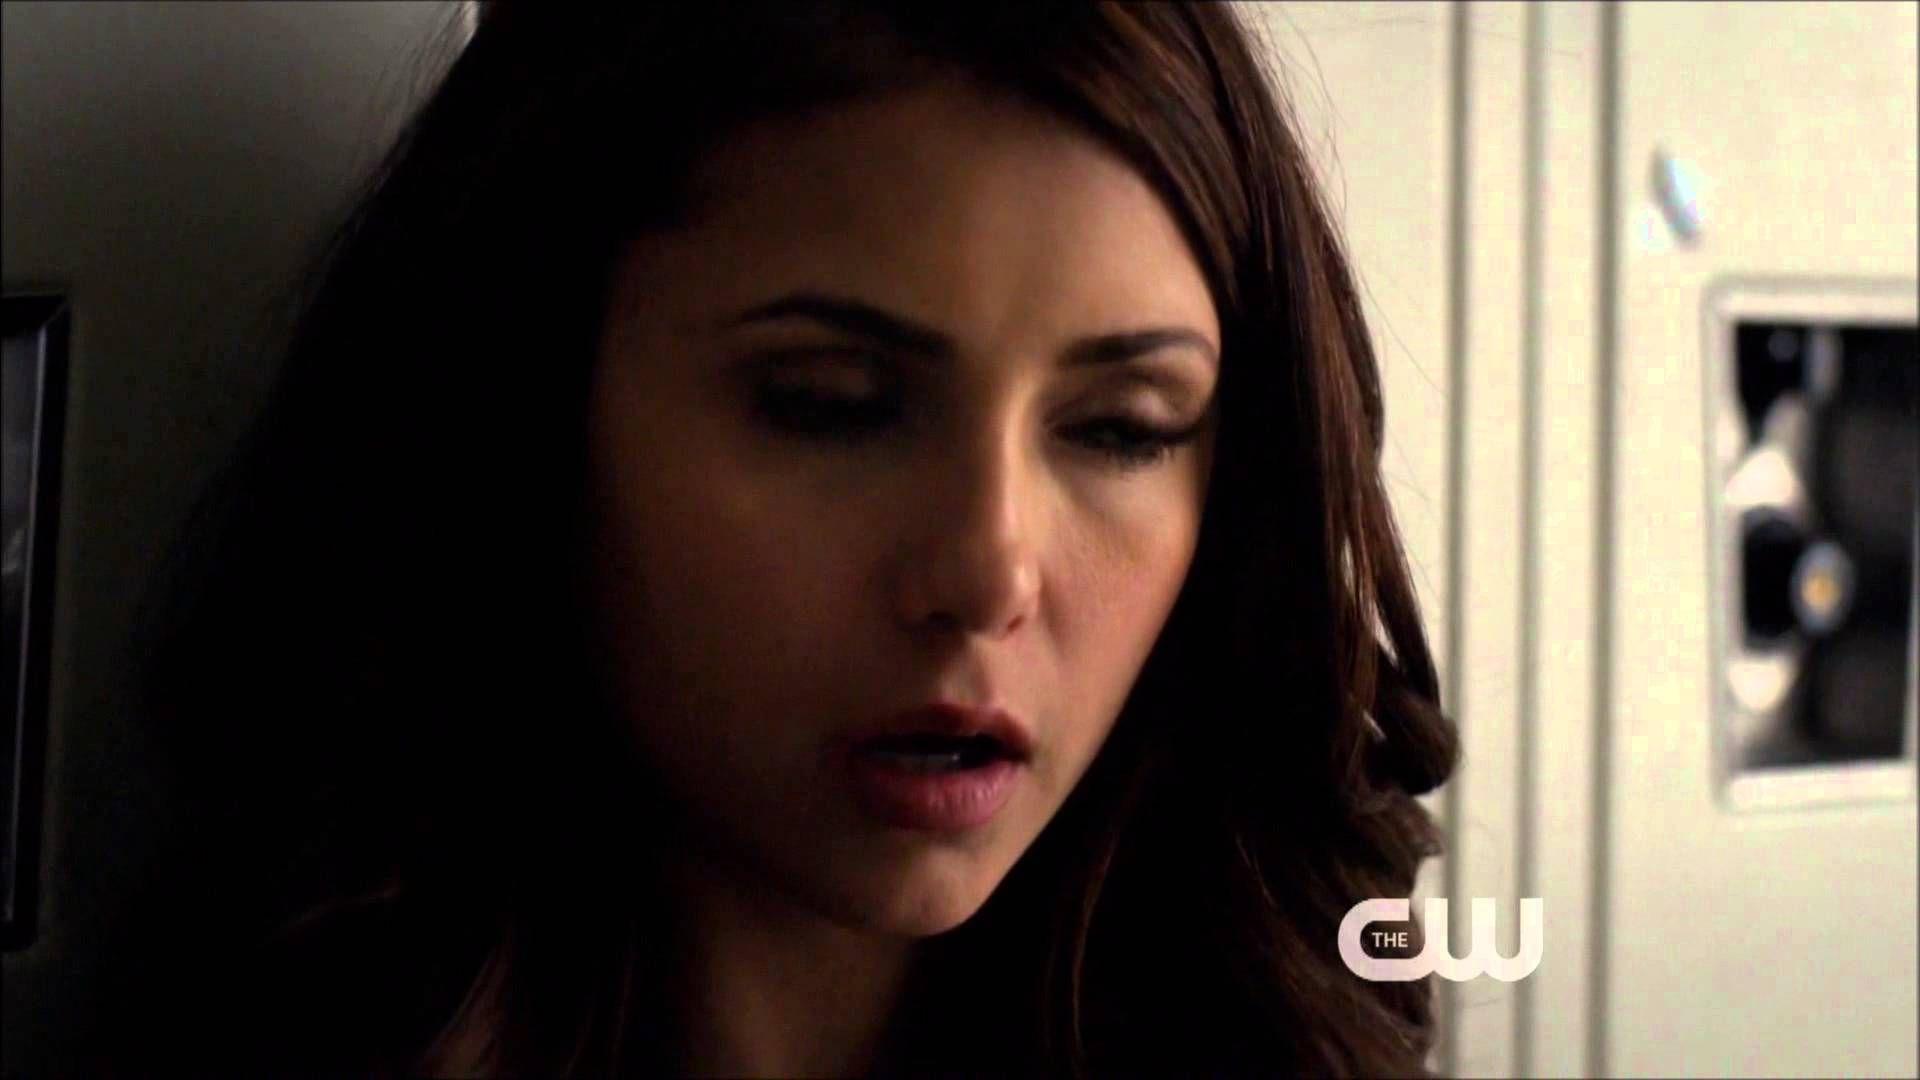 TVD 5x17: Damon comfronts Elena and Elena's fantasy